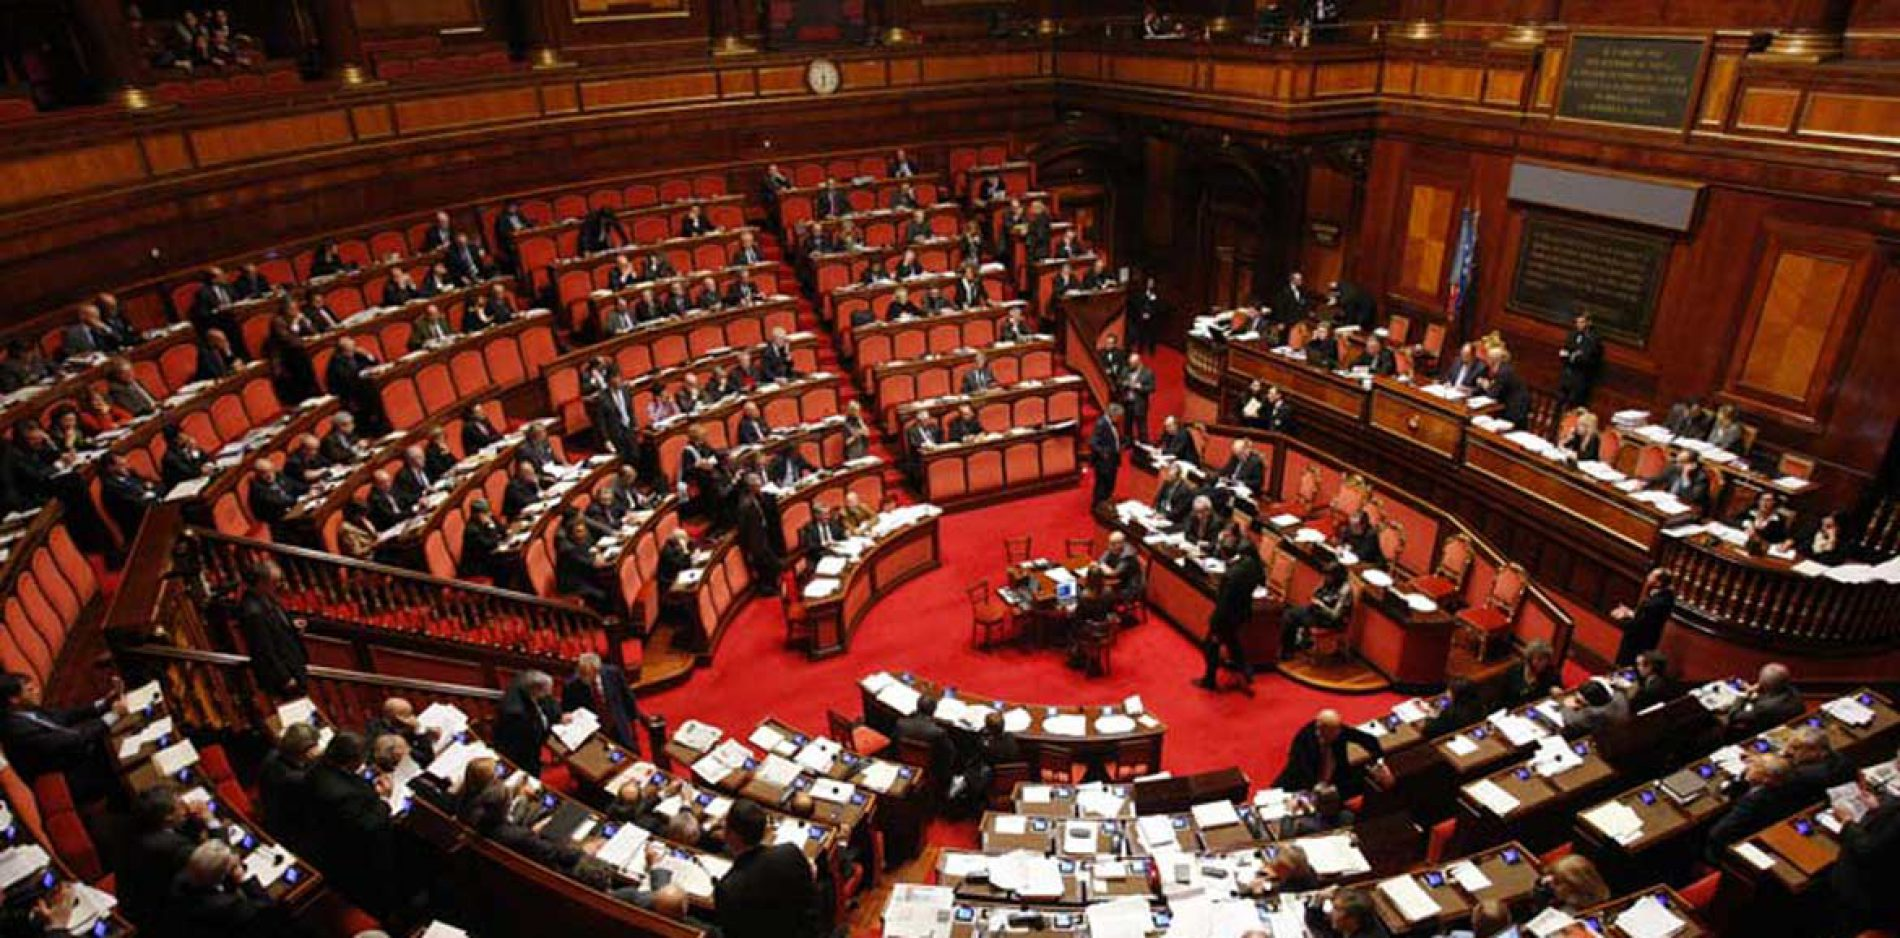 Legge di Bilancio 2019: i contratti a termine esentati dall'applicazione del decreto dignità e smart working